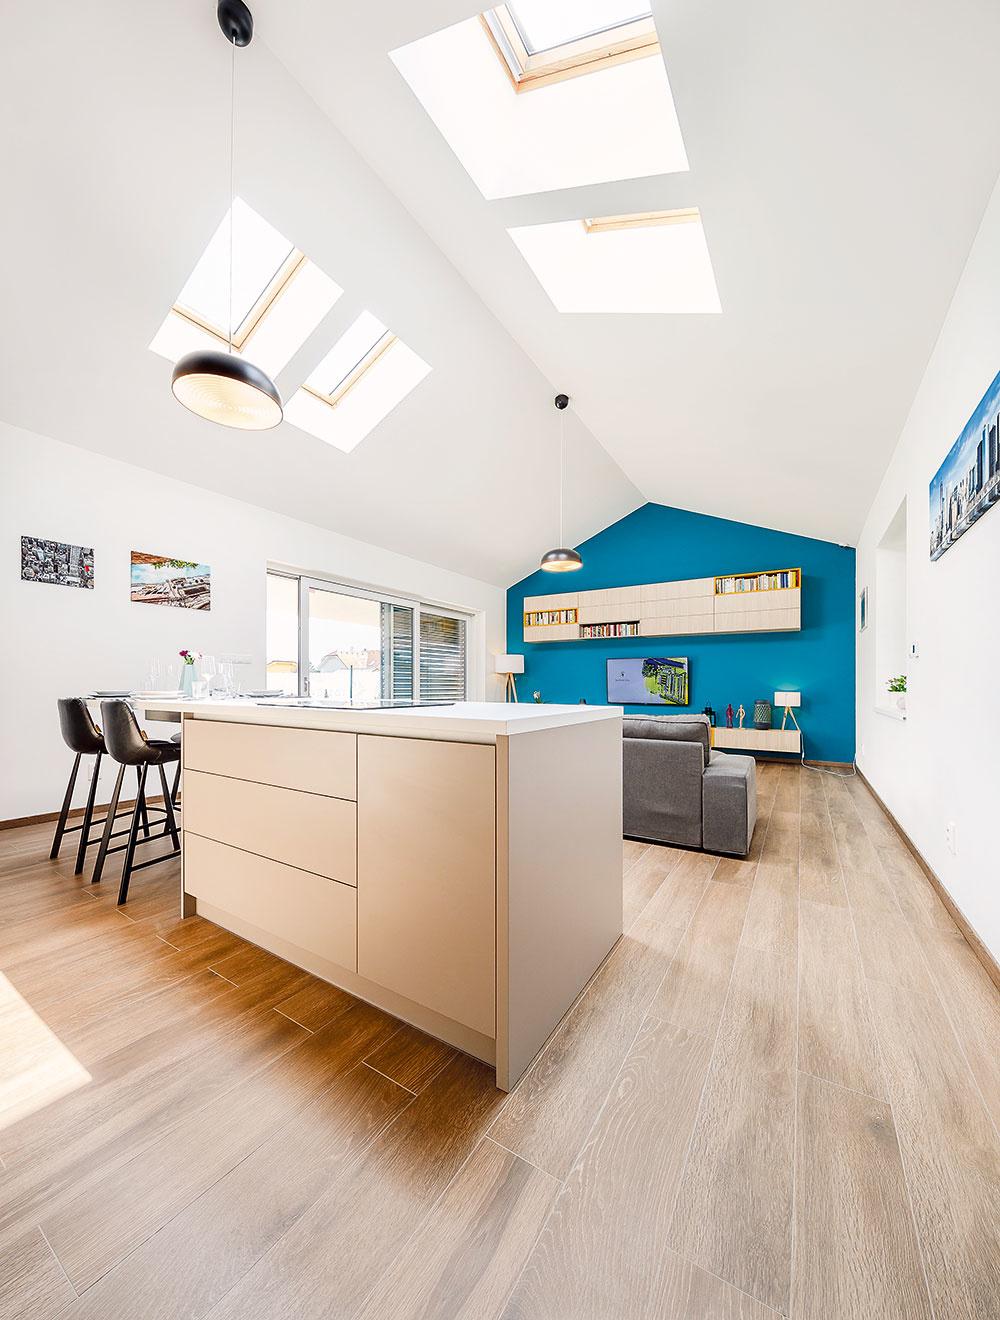 Štyri strešné okná, ktoré dopĺňajú bežné zasklené plochy na fasáde, vniesli do centrálneho priestoru dostatok denného svetla azároveň zaisťujú účinné vetranie, čo je príjemné nielen pri práci vkuchyni.